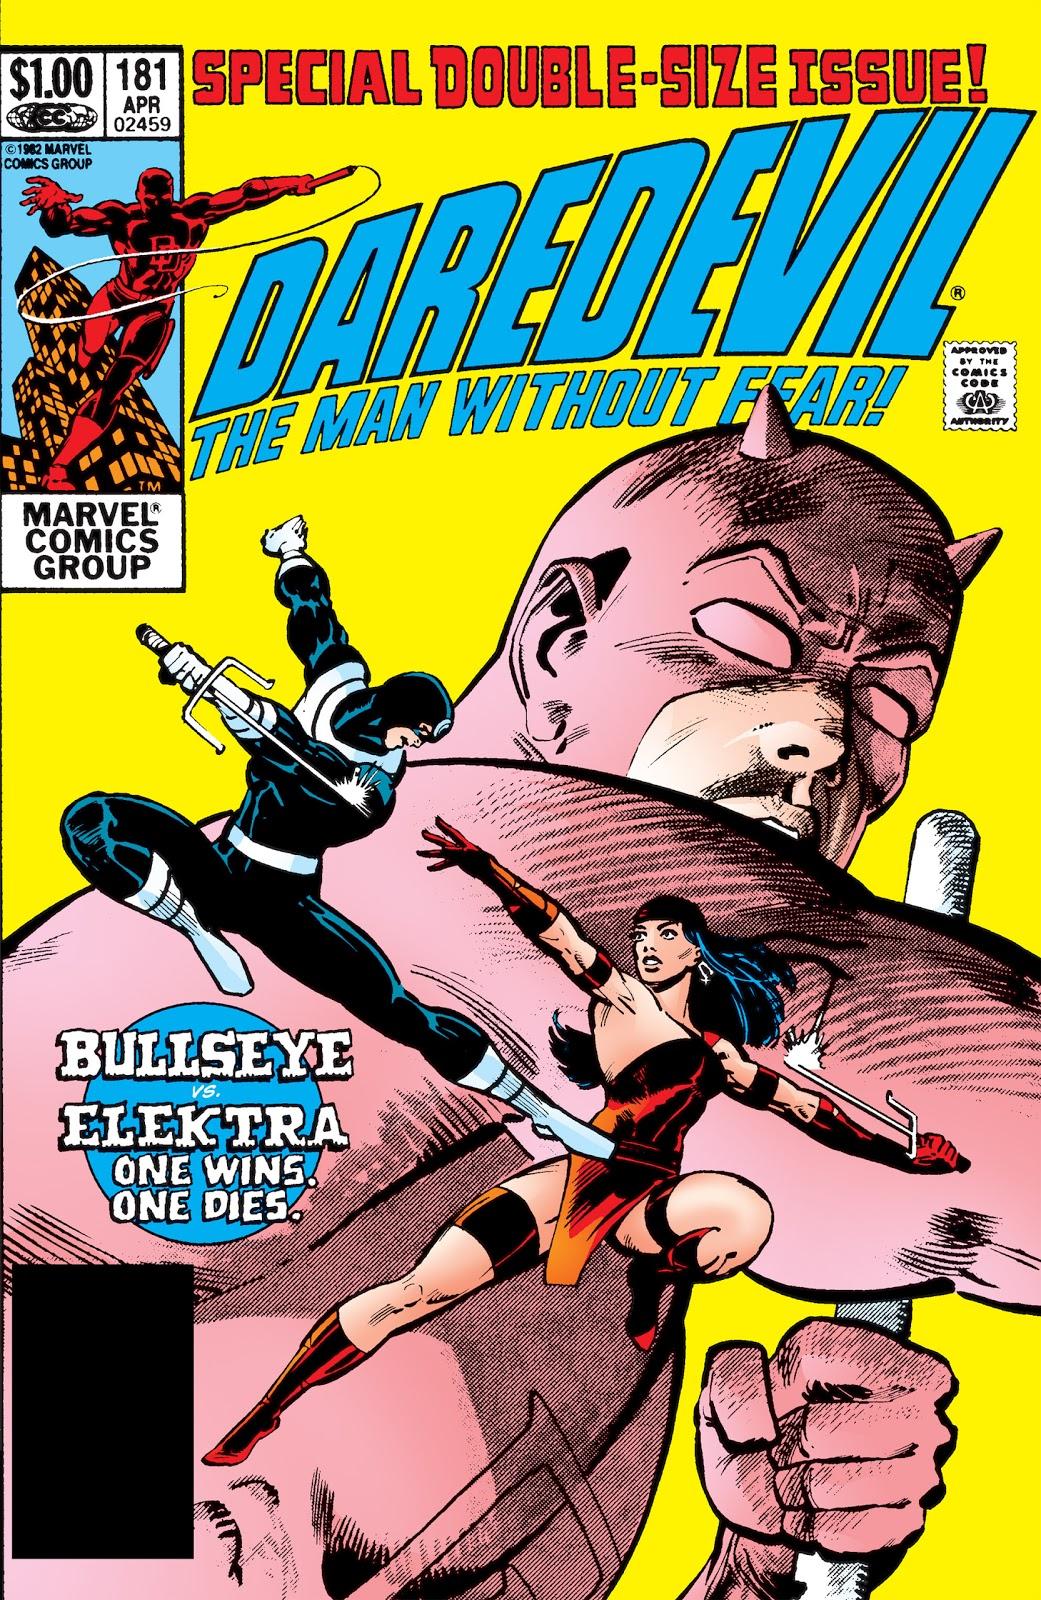 Daredevil (Frank Miller)